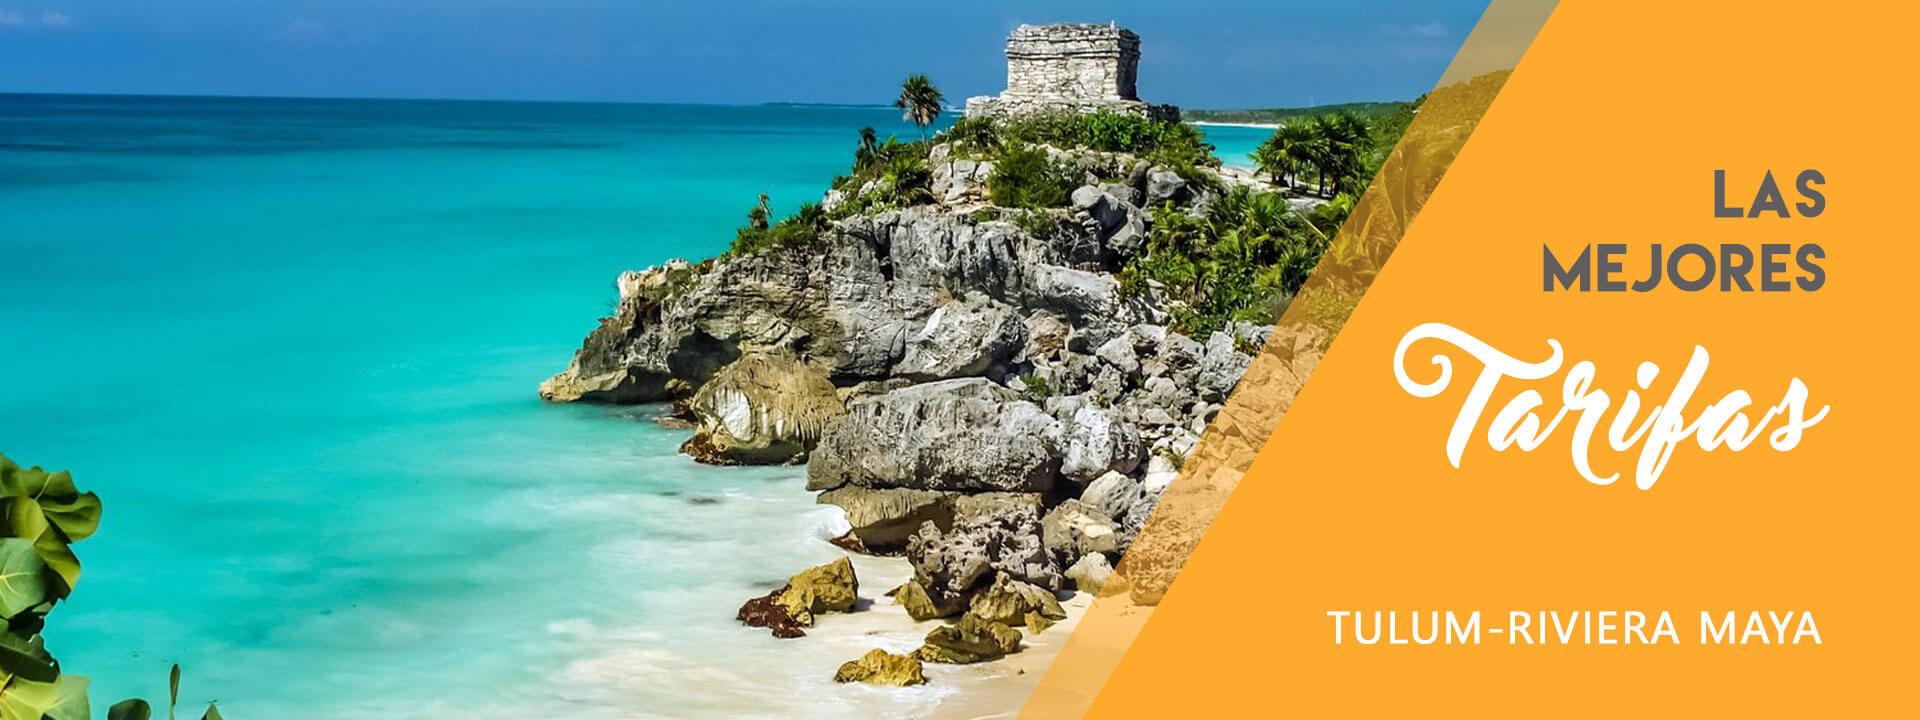 Las mejores tarifas en Transportación - Tulum Riviera Maya